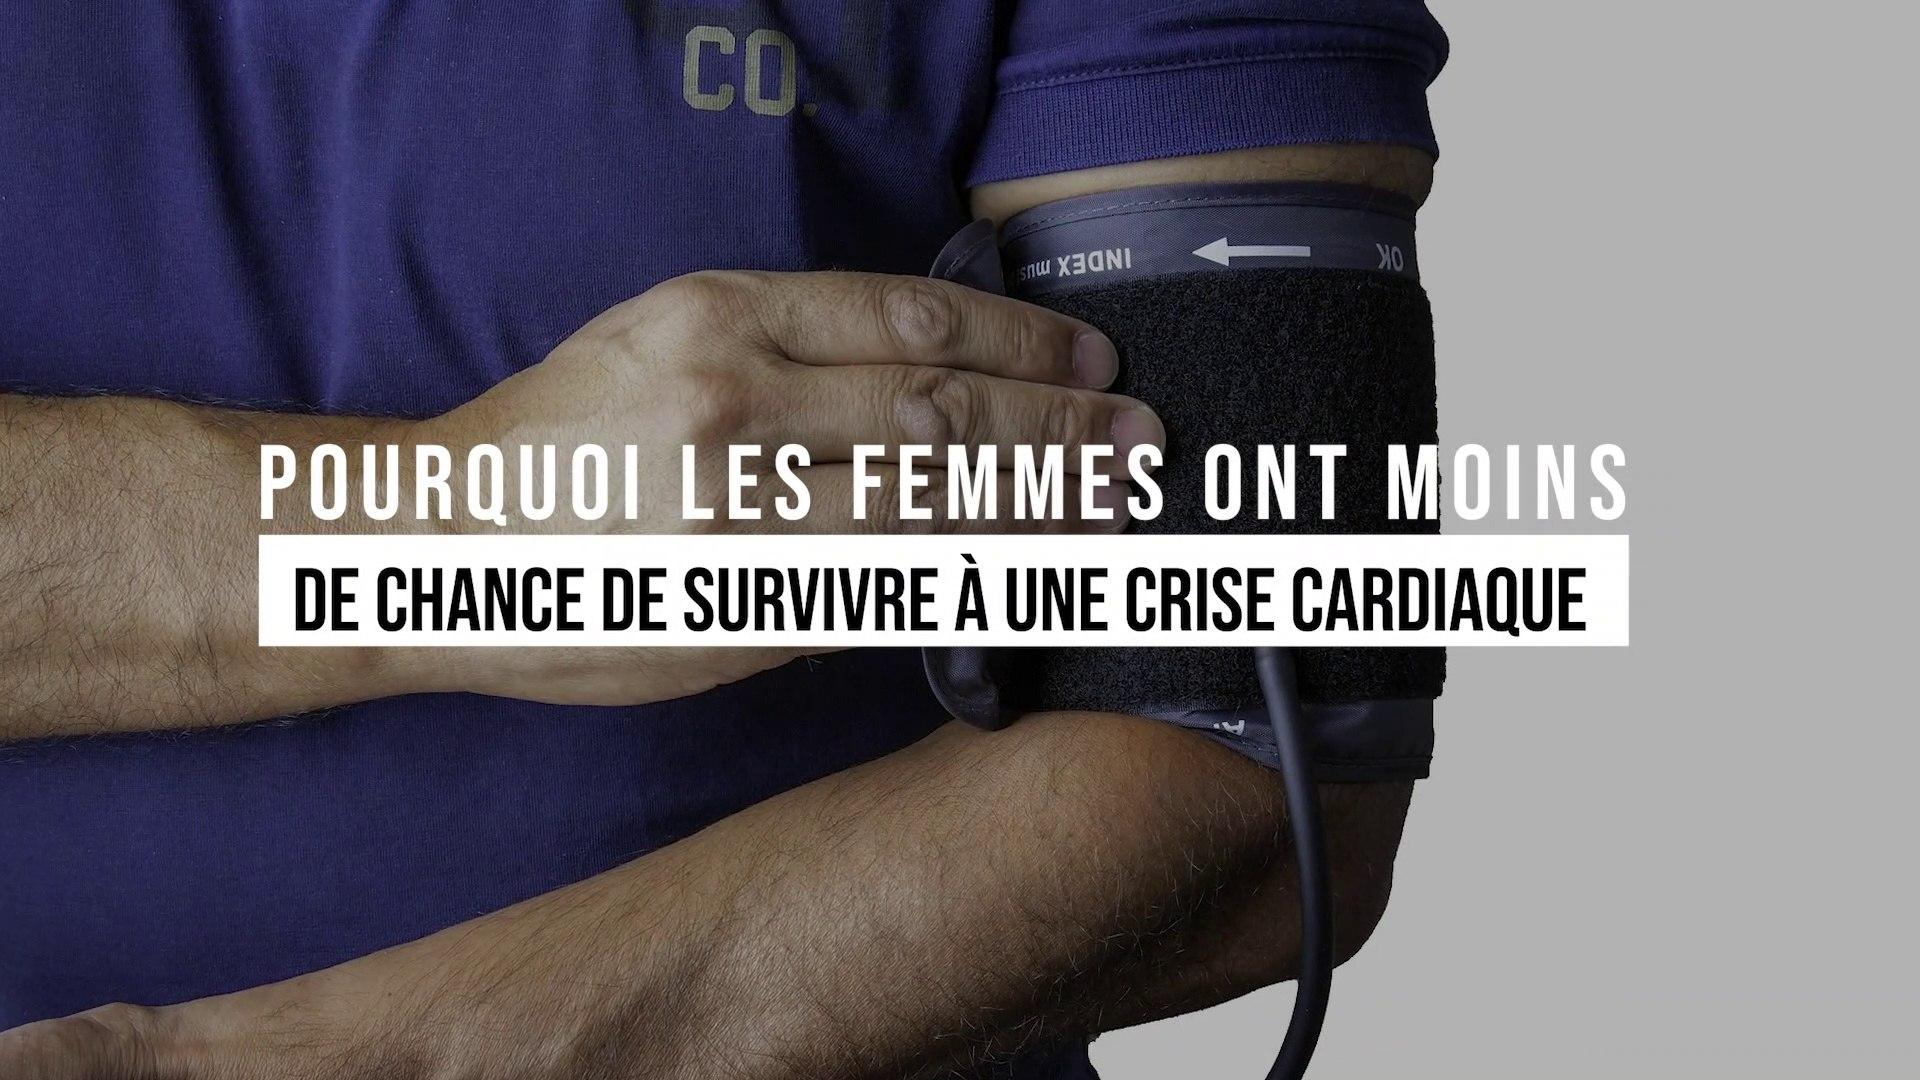 Pourquoi les femmes ont moins de chance de survivre à une crise cardiaque ?